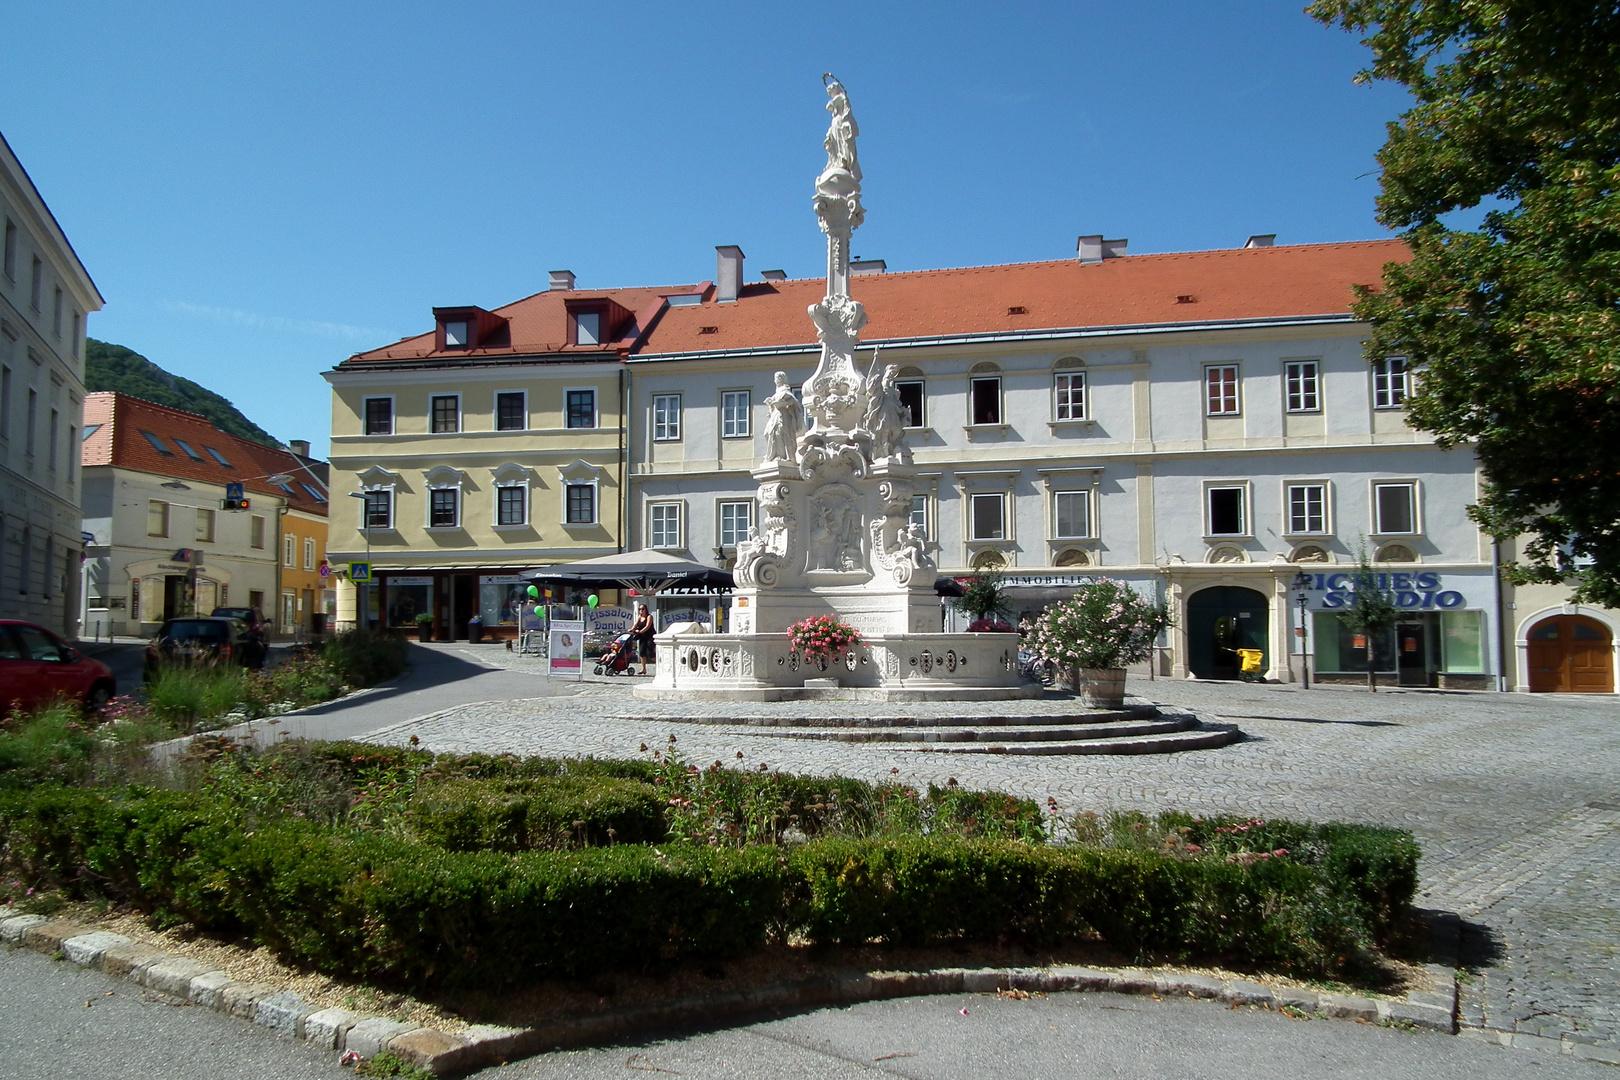 Hainburg an der Donau - Hauptplatz Foto & Bild | europe ...